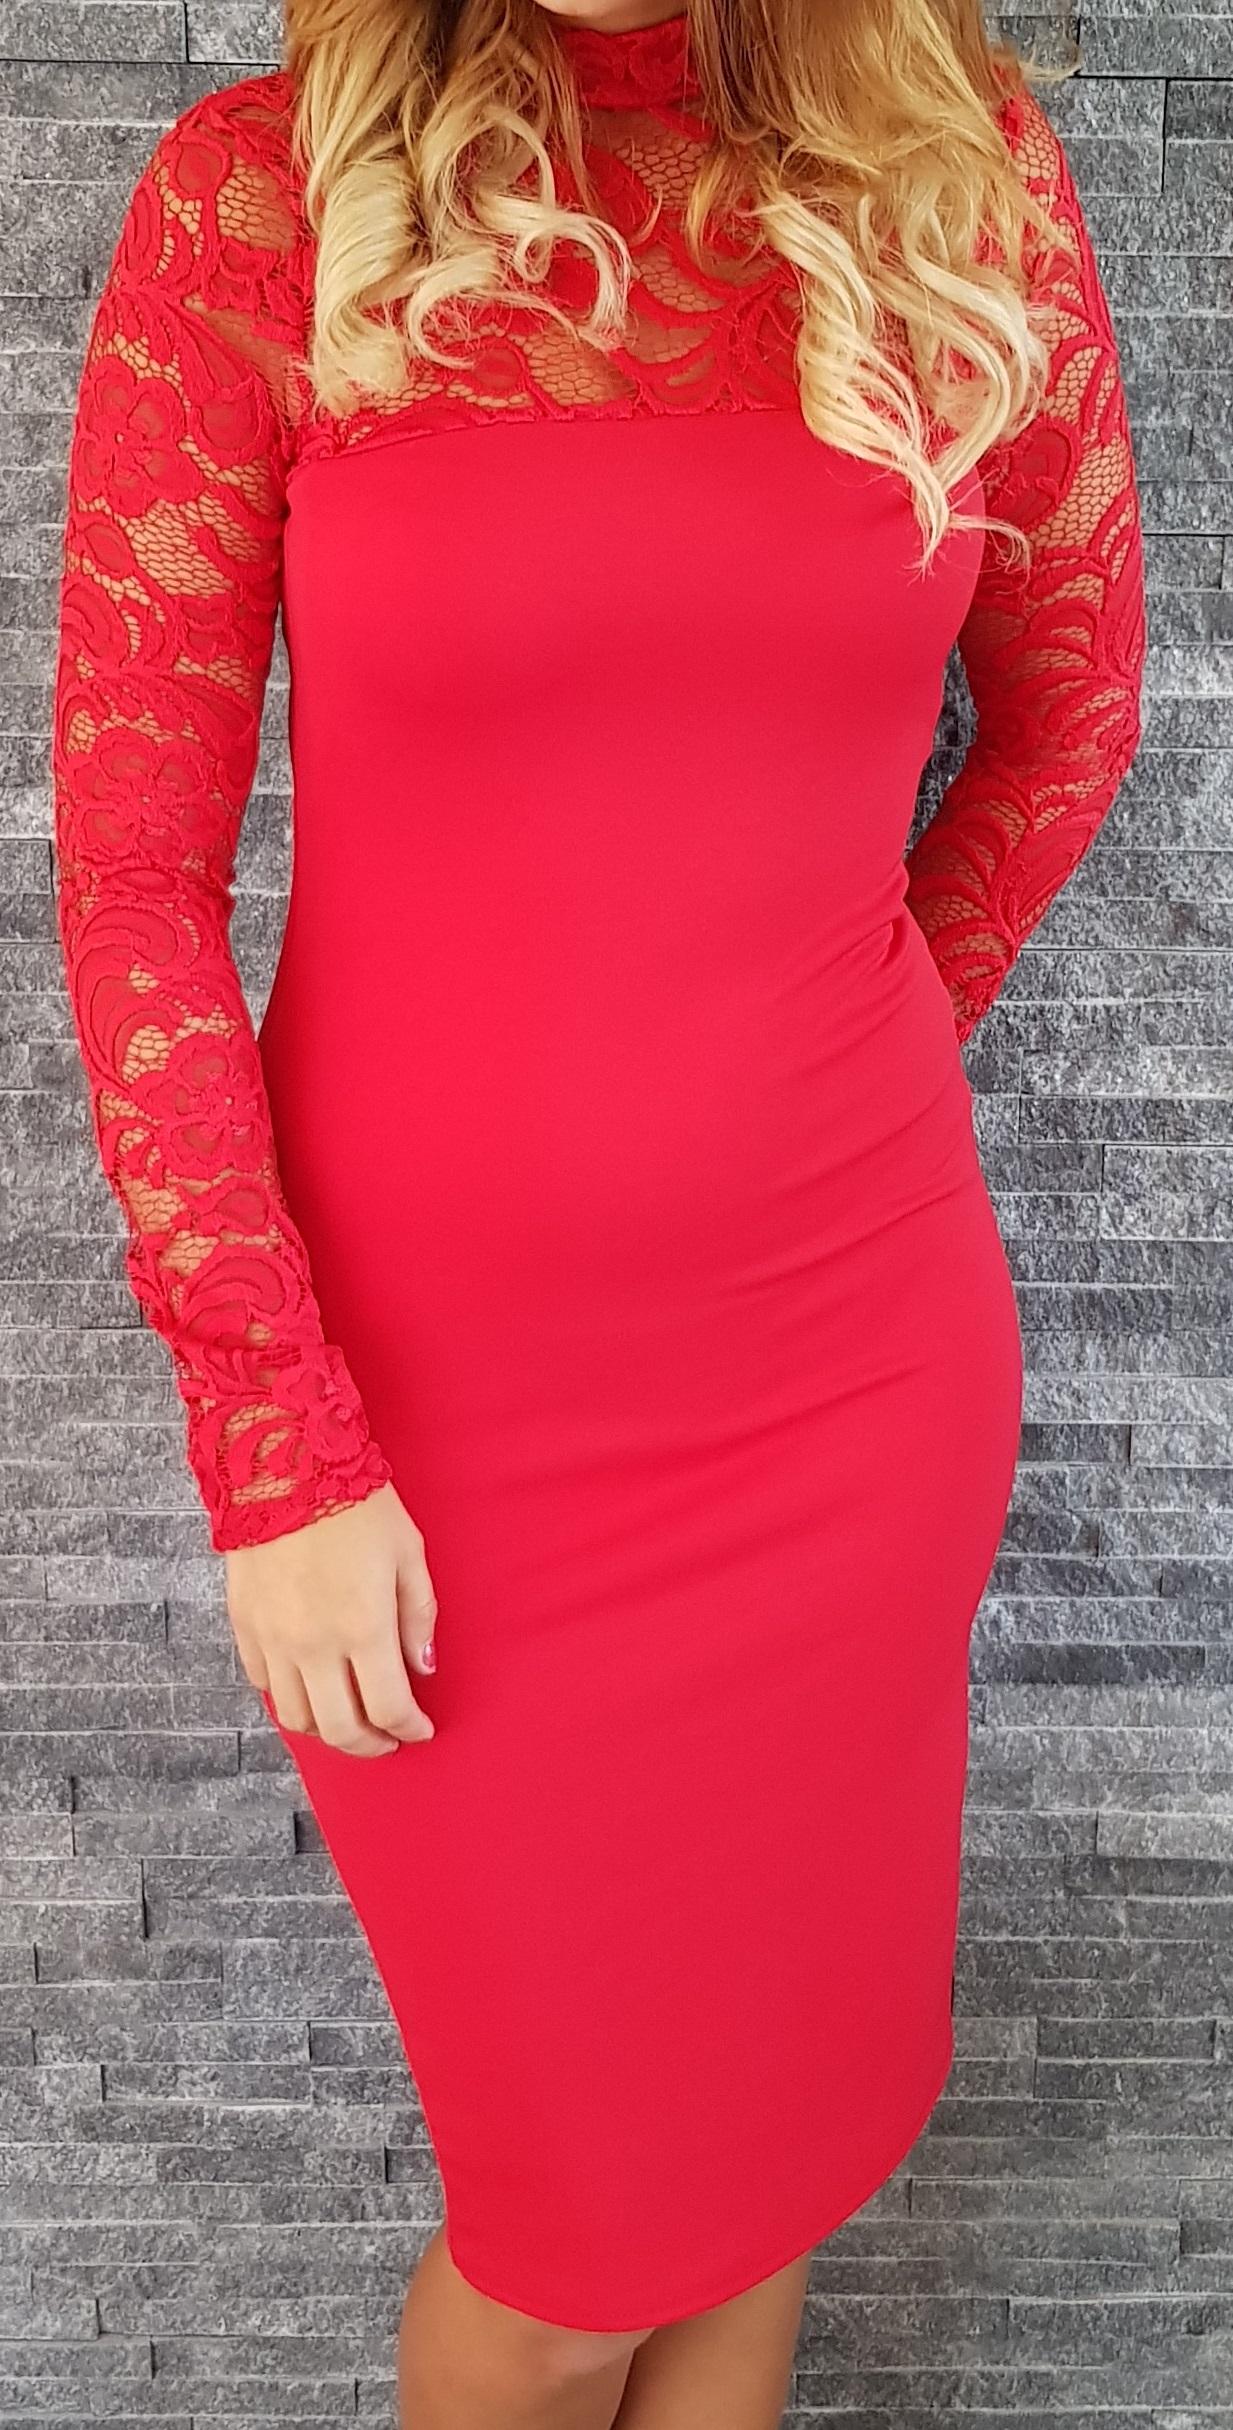 58ec4a94fff0 Červené čipkované šaty Popoluška